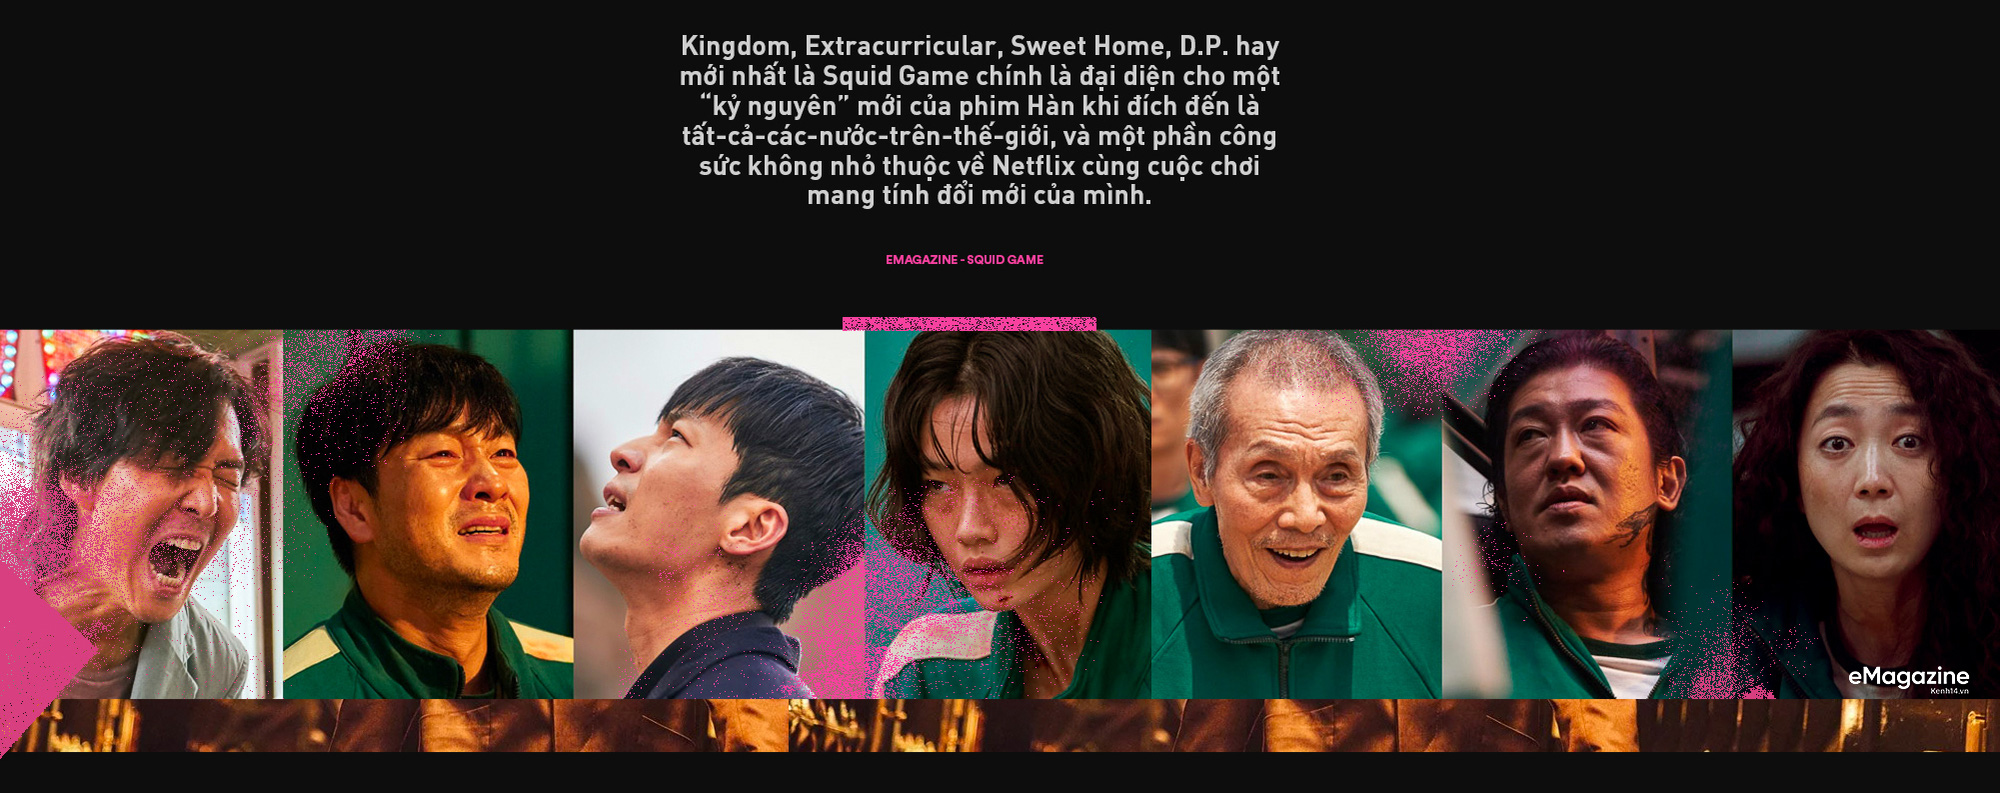 Squid Game - cuộc chiến máu bọc đường thành hiện tượng toàn cầu và tham vọng đổi mới bộ mặt phim Hàn của Netflix - Ảnh 13.